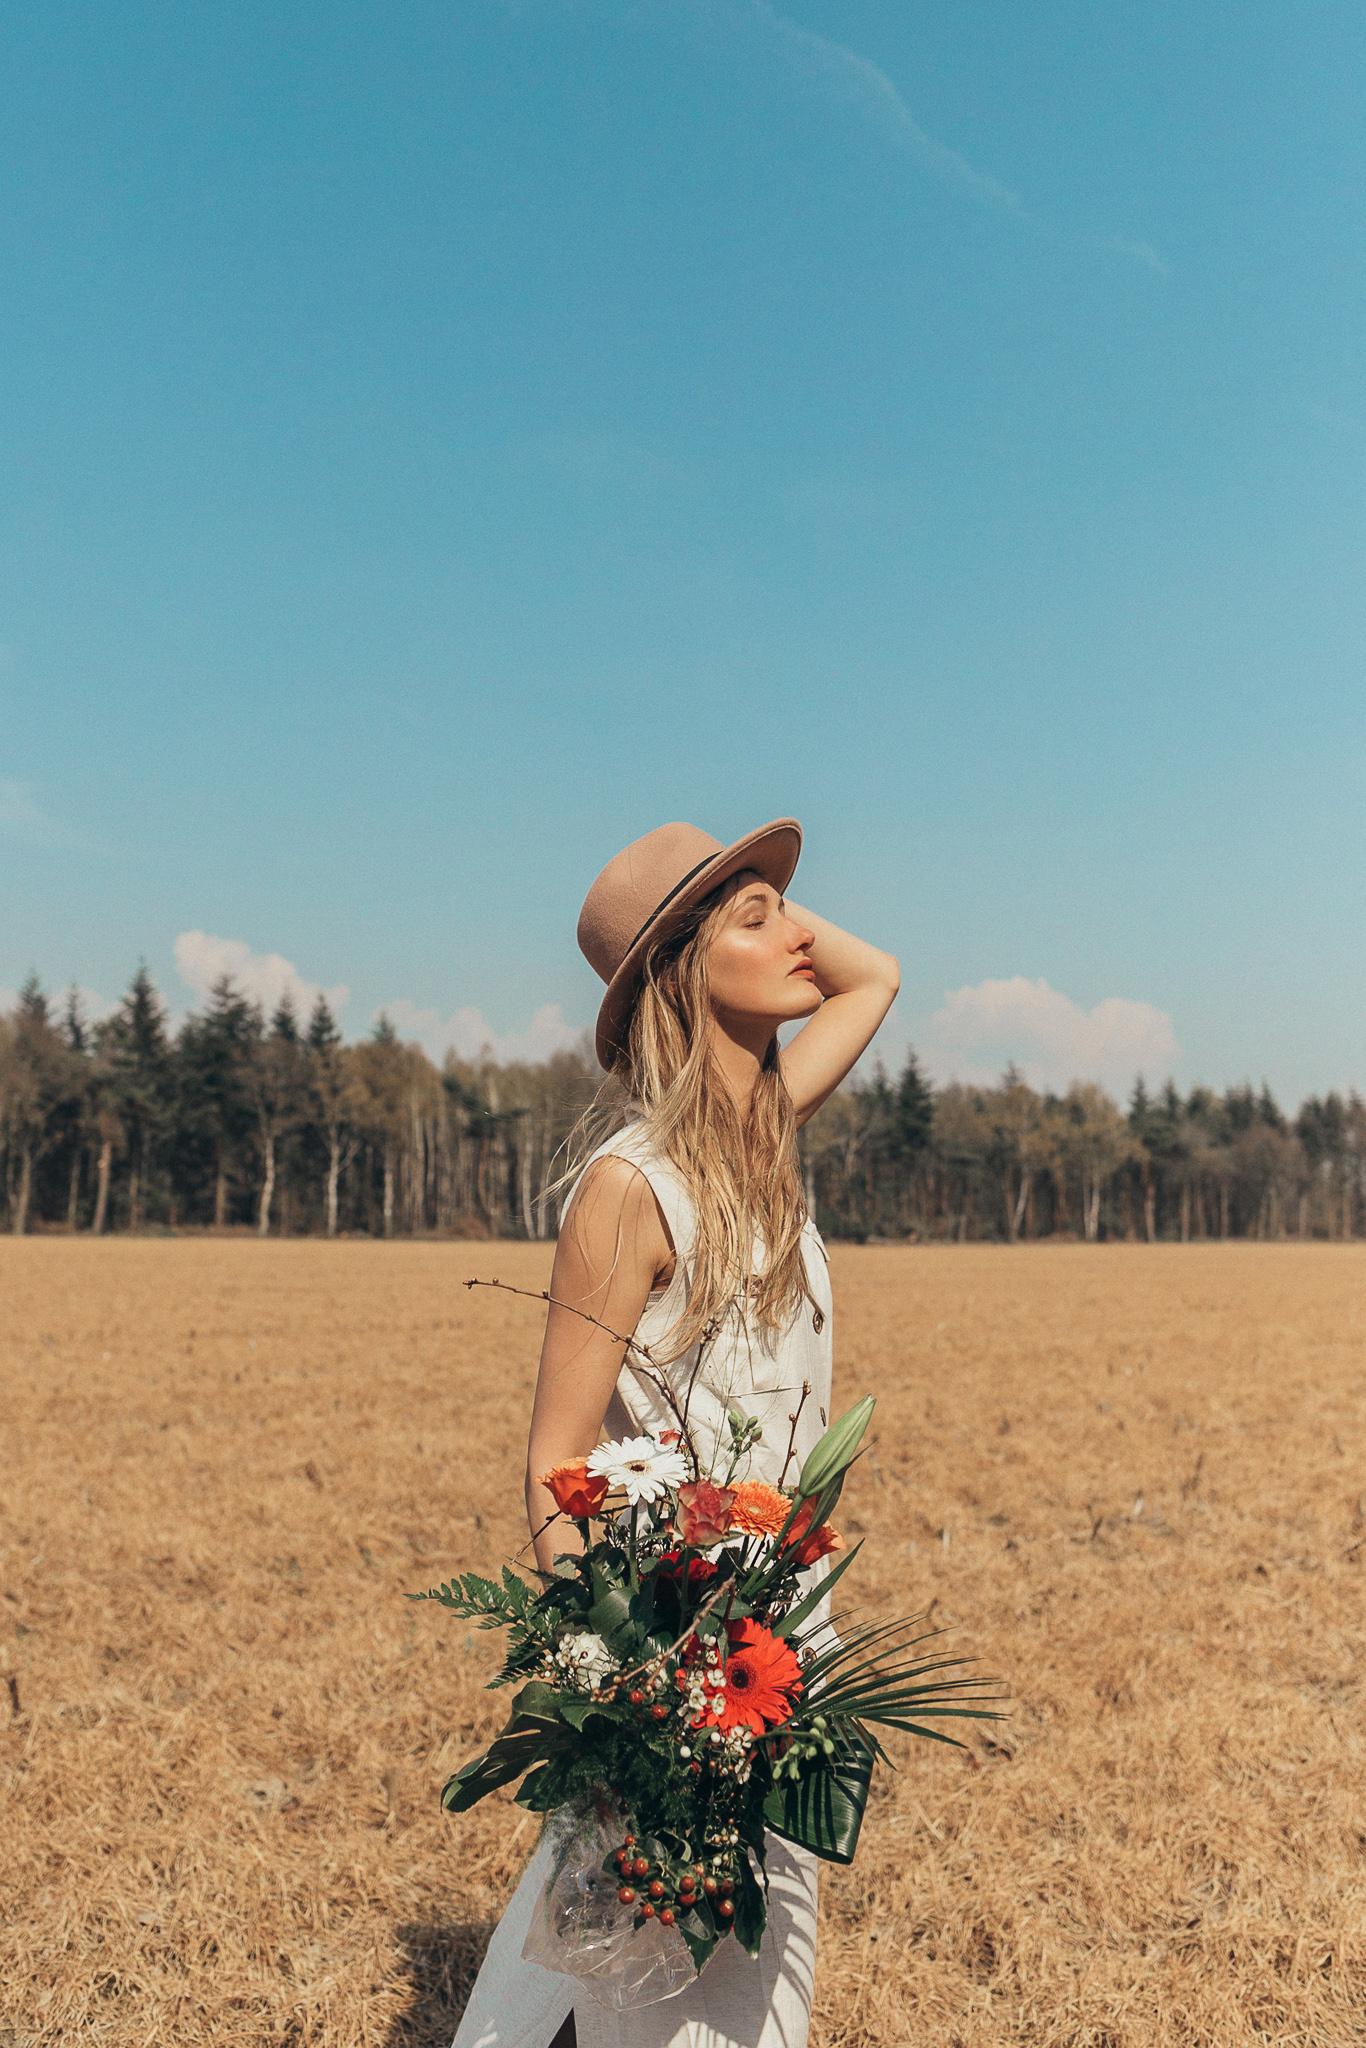 nederlandse modeblogger